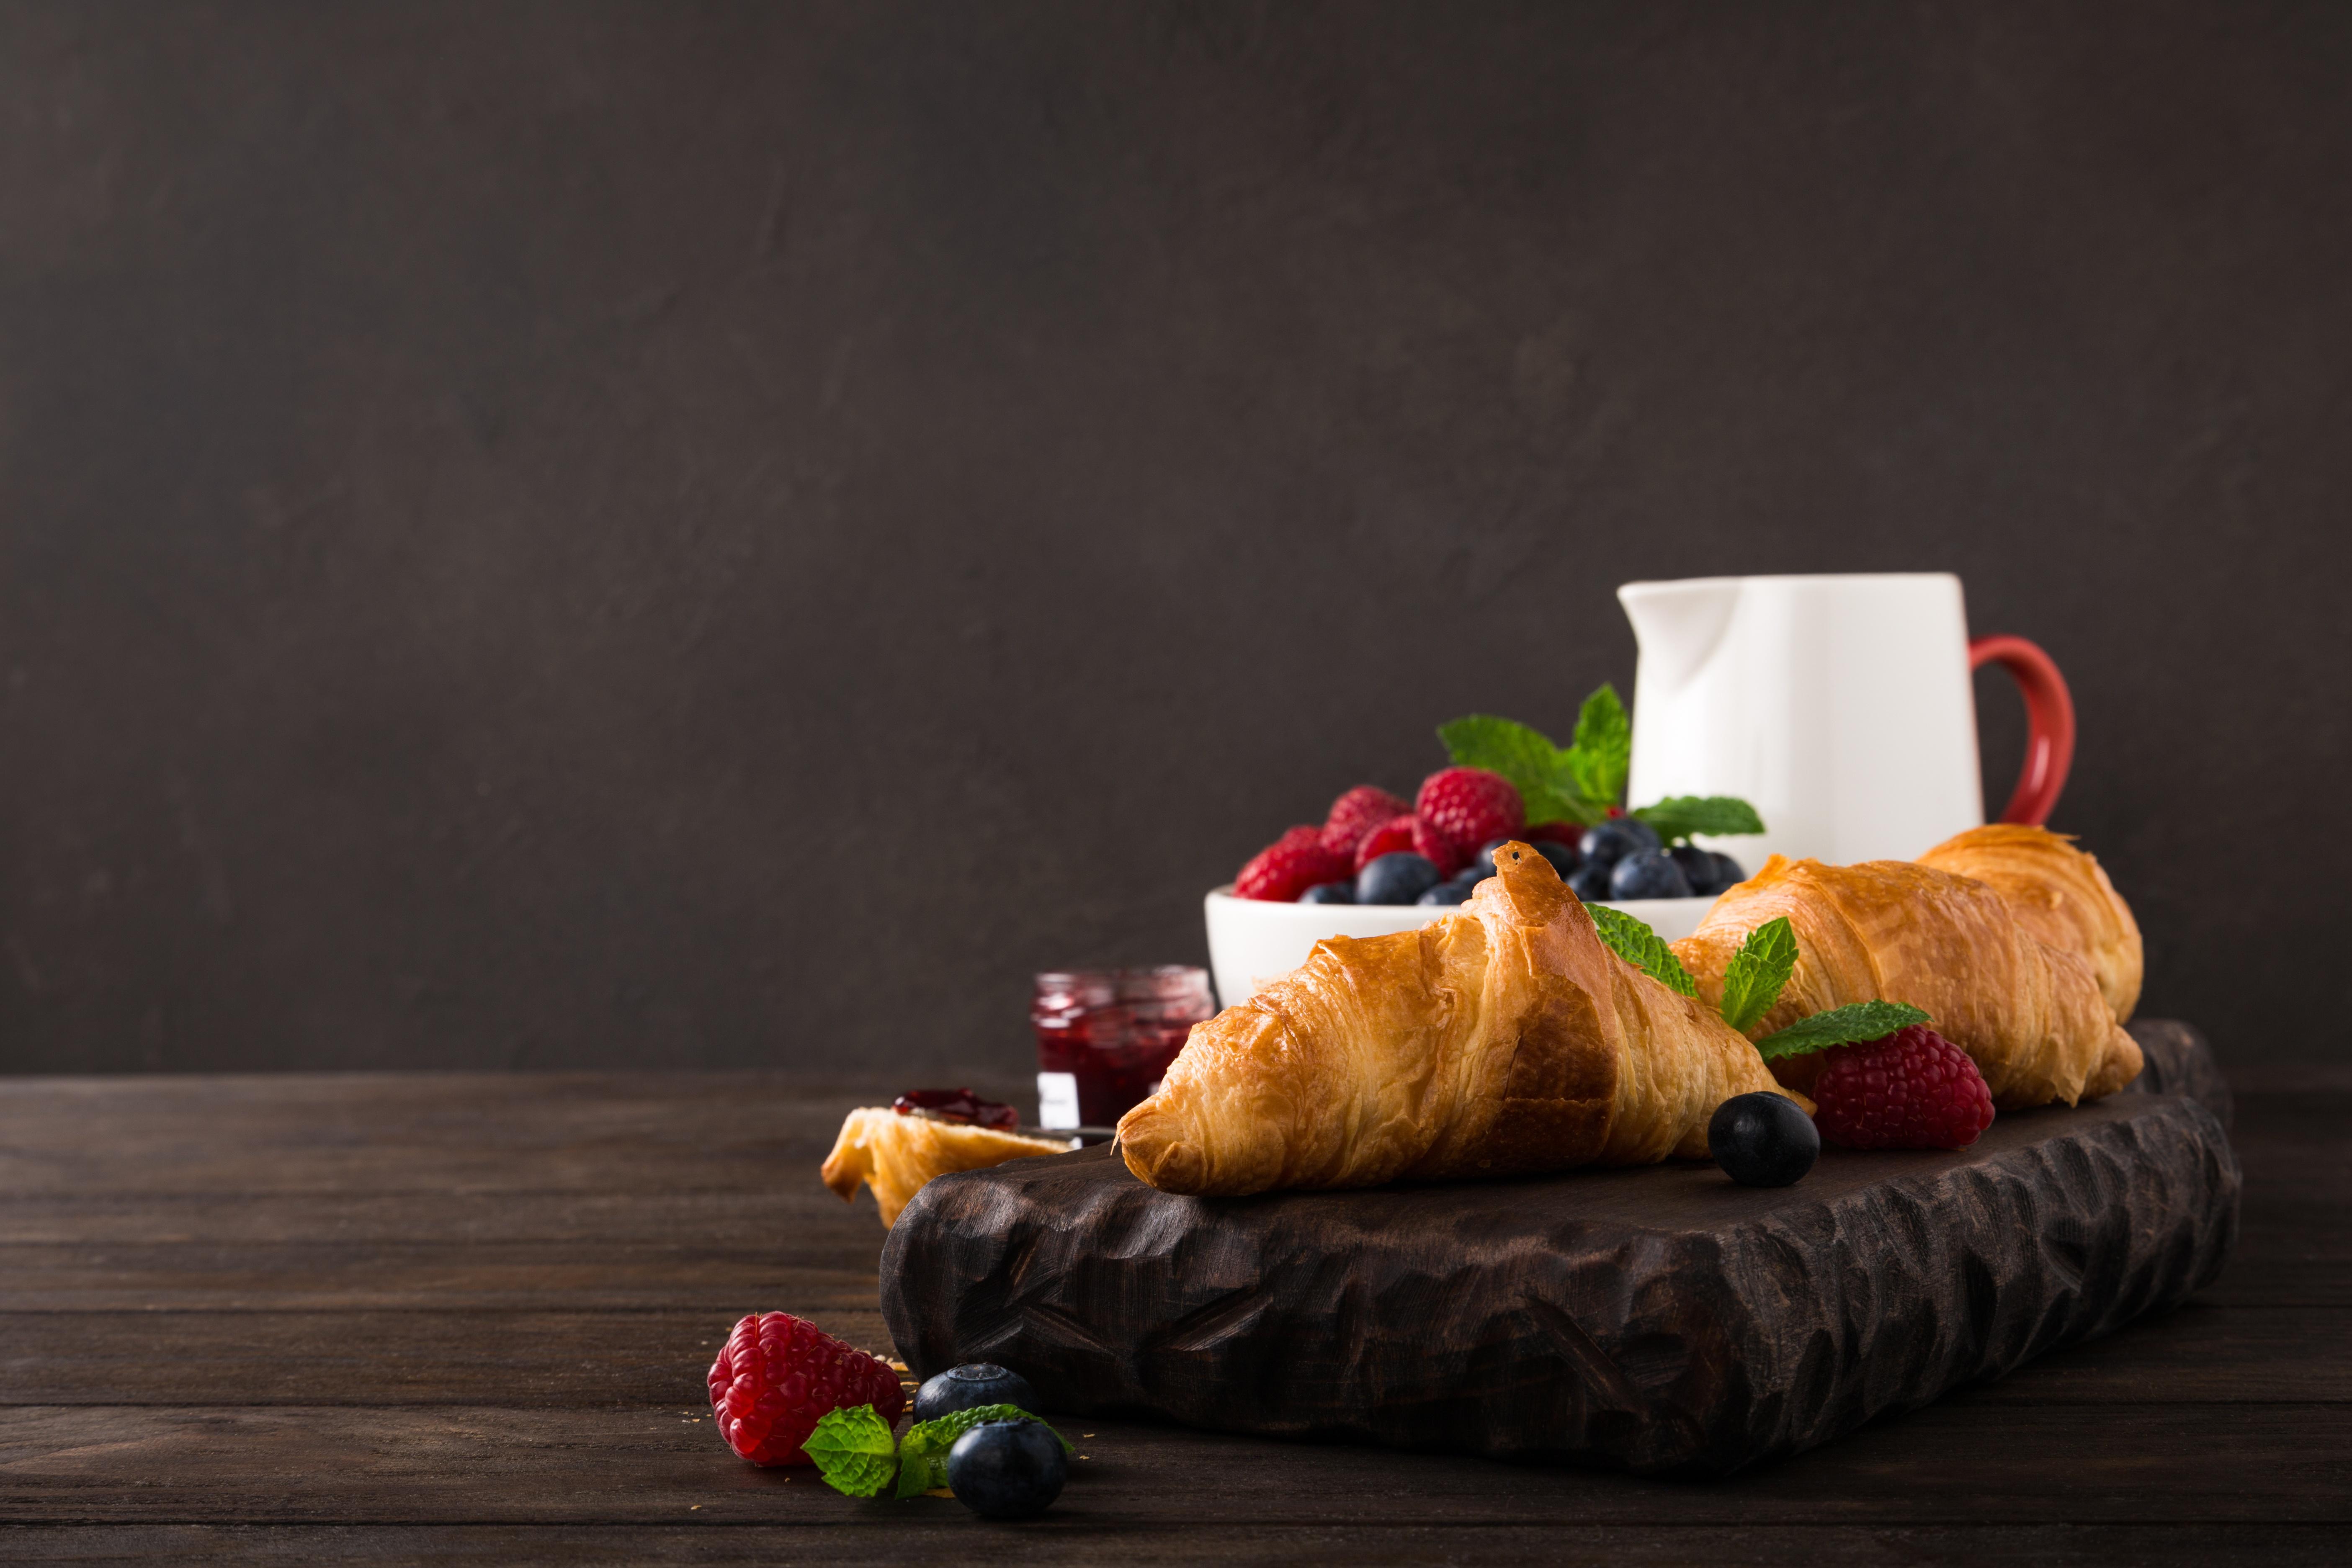 Фотография Завтрак Круассан Малина Еда Ягоды 5617x3745 Пища Продукты питания